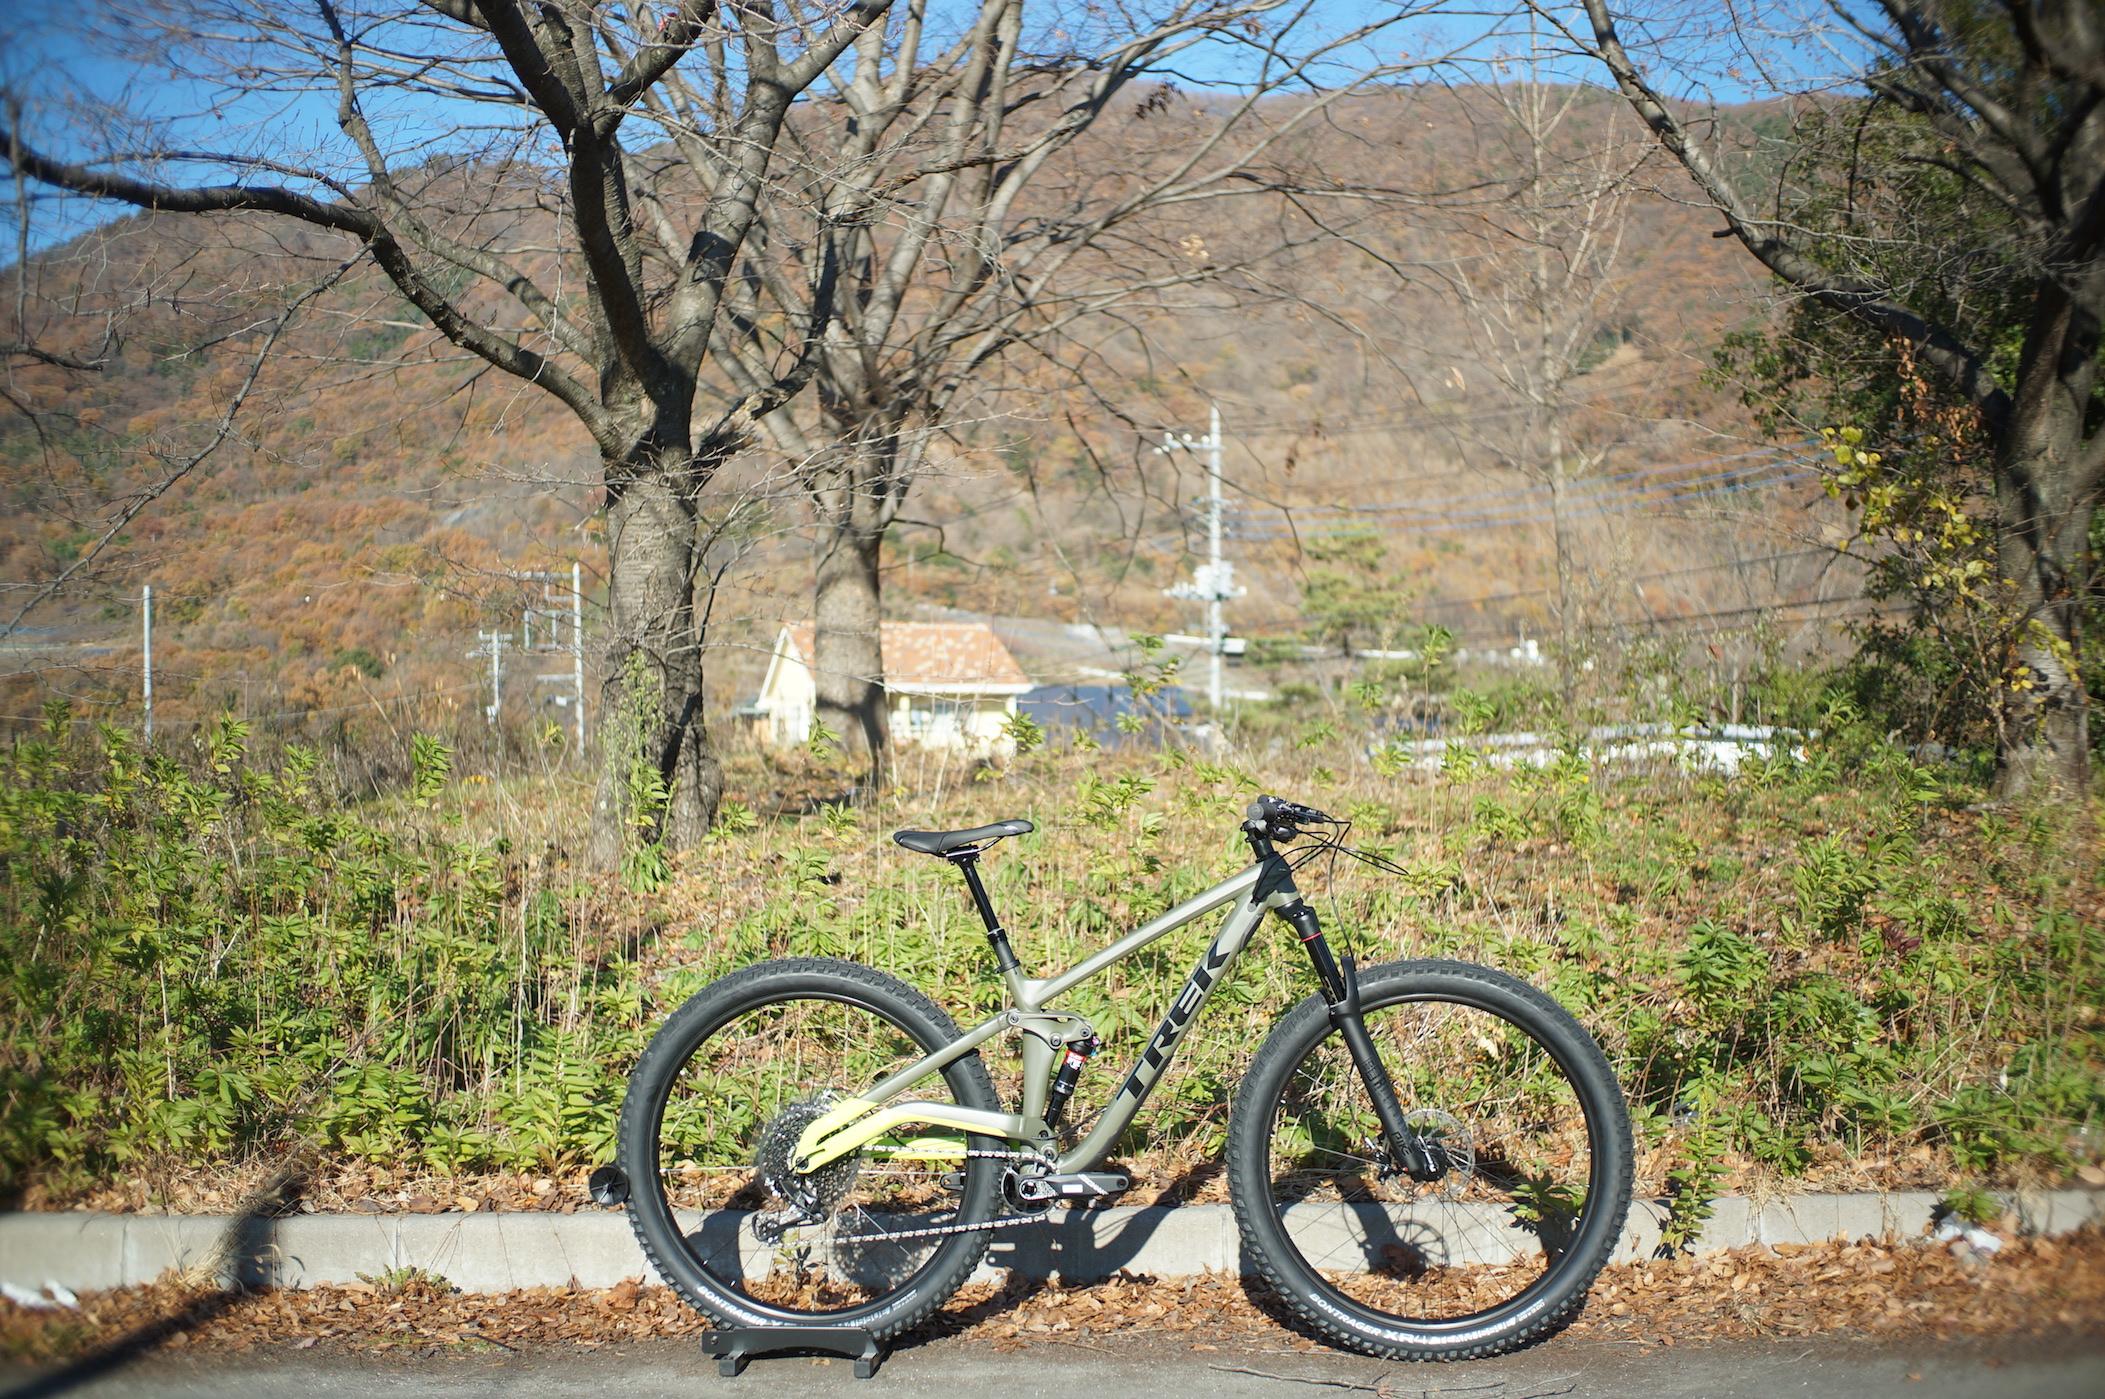 [MTB]冬にもオススメのマウンテンバイクFull Stacheで冒険に出かけよう!!